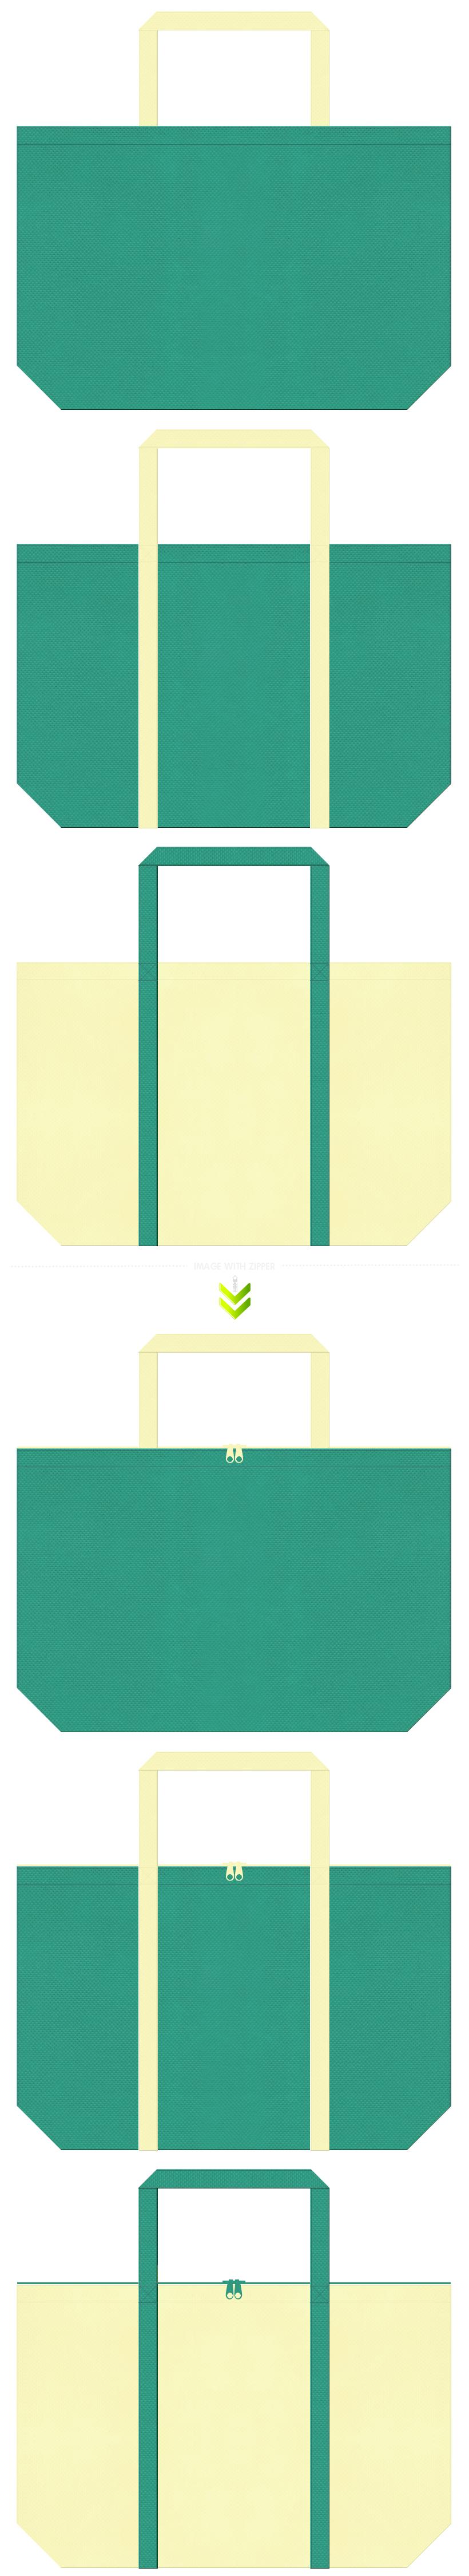 医療施設・福祉施設・介護施設・石鹸・洗剤・バス用品・お掃除用品・家庭用品のショッピングバッグにお奨めの不織布バッグデザイン:青緑色と薄黄色のコーデ